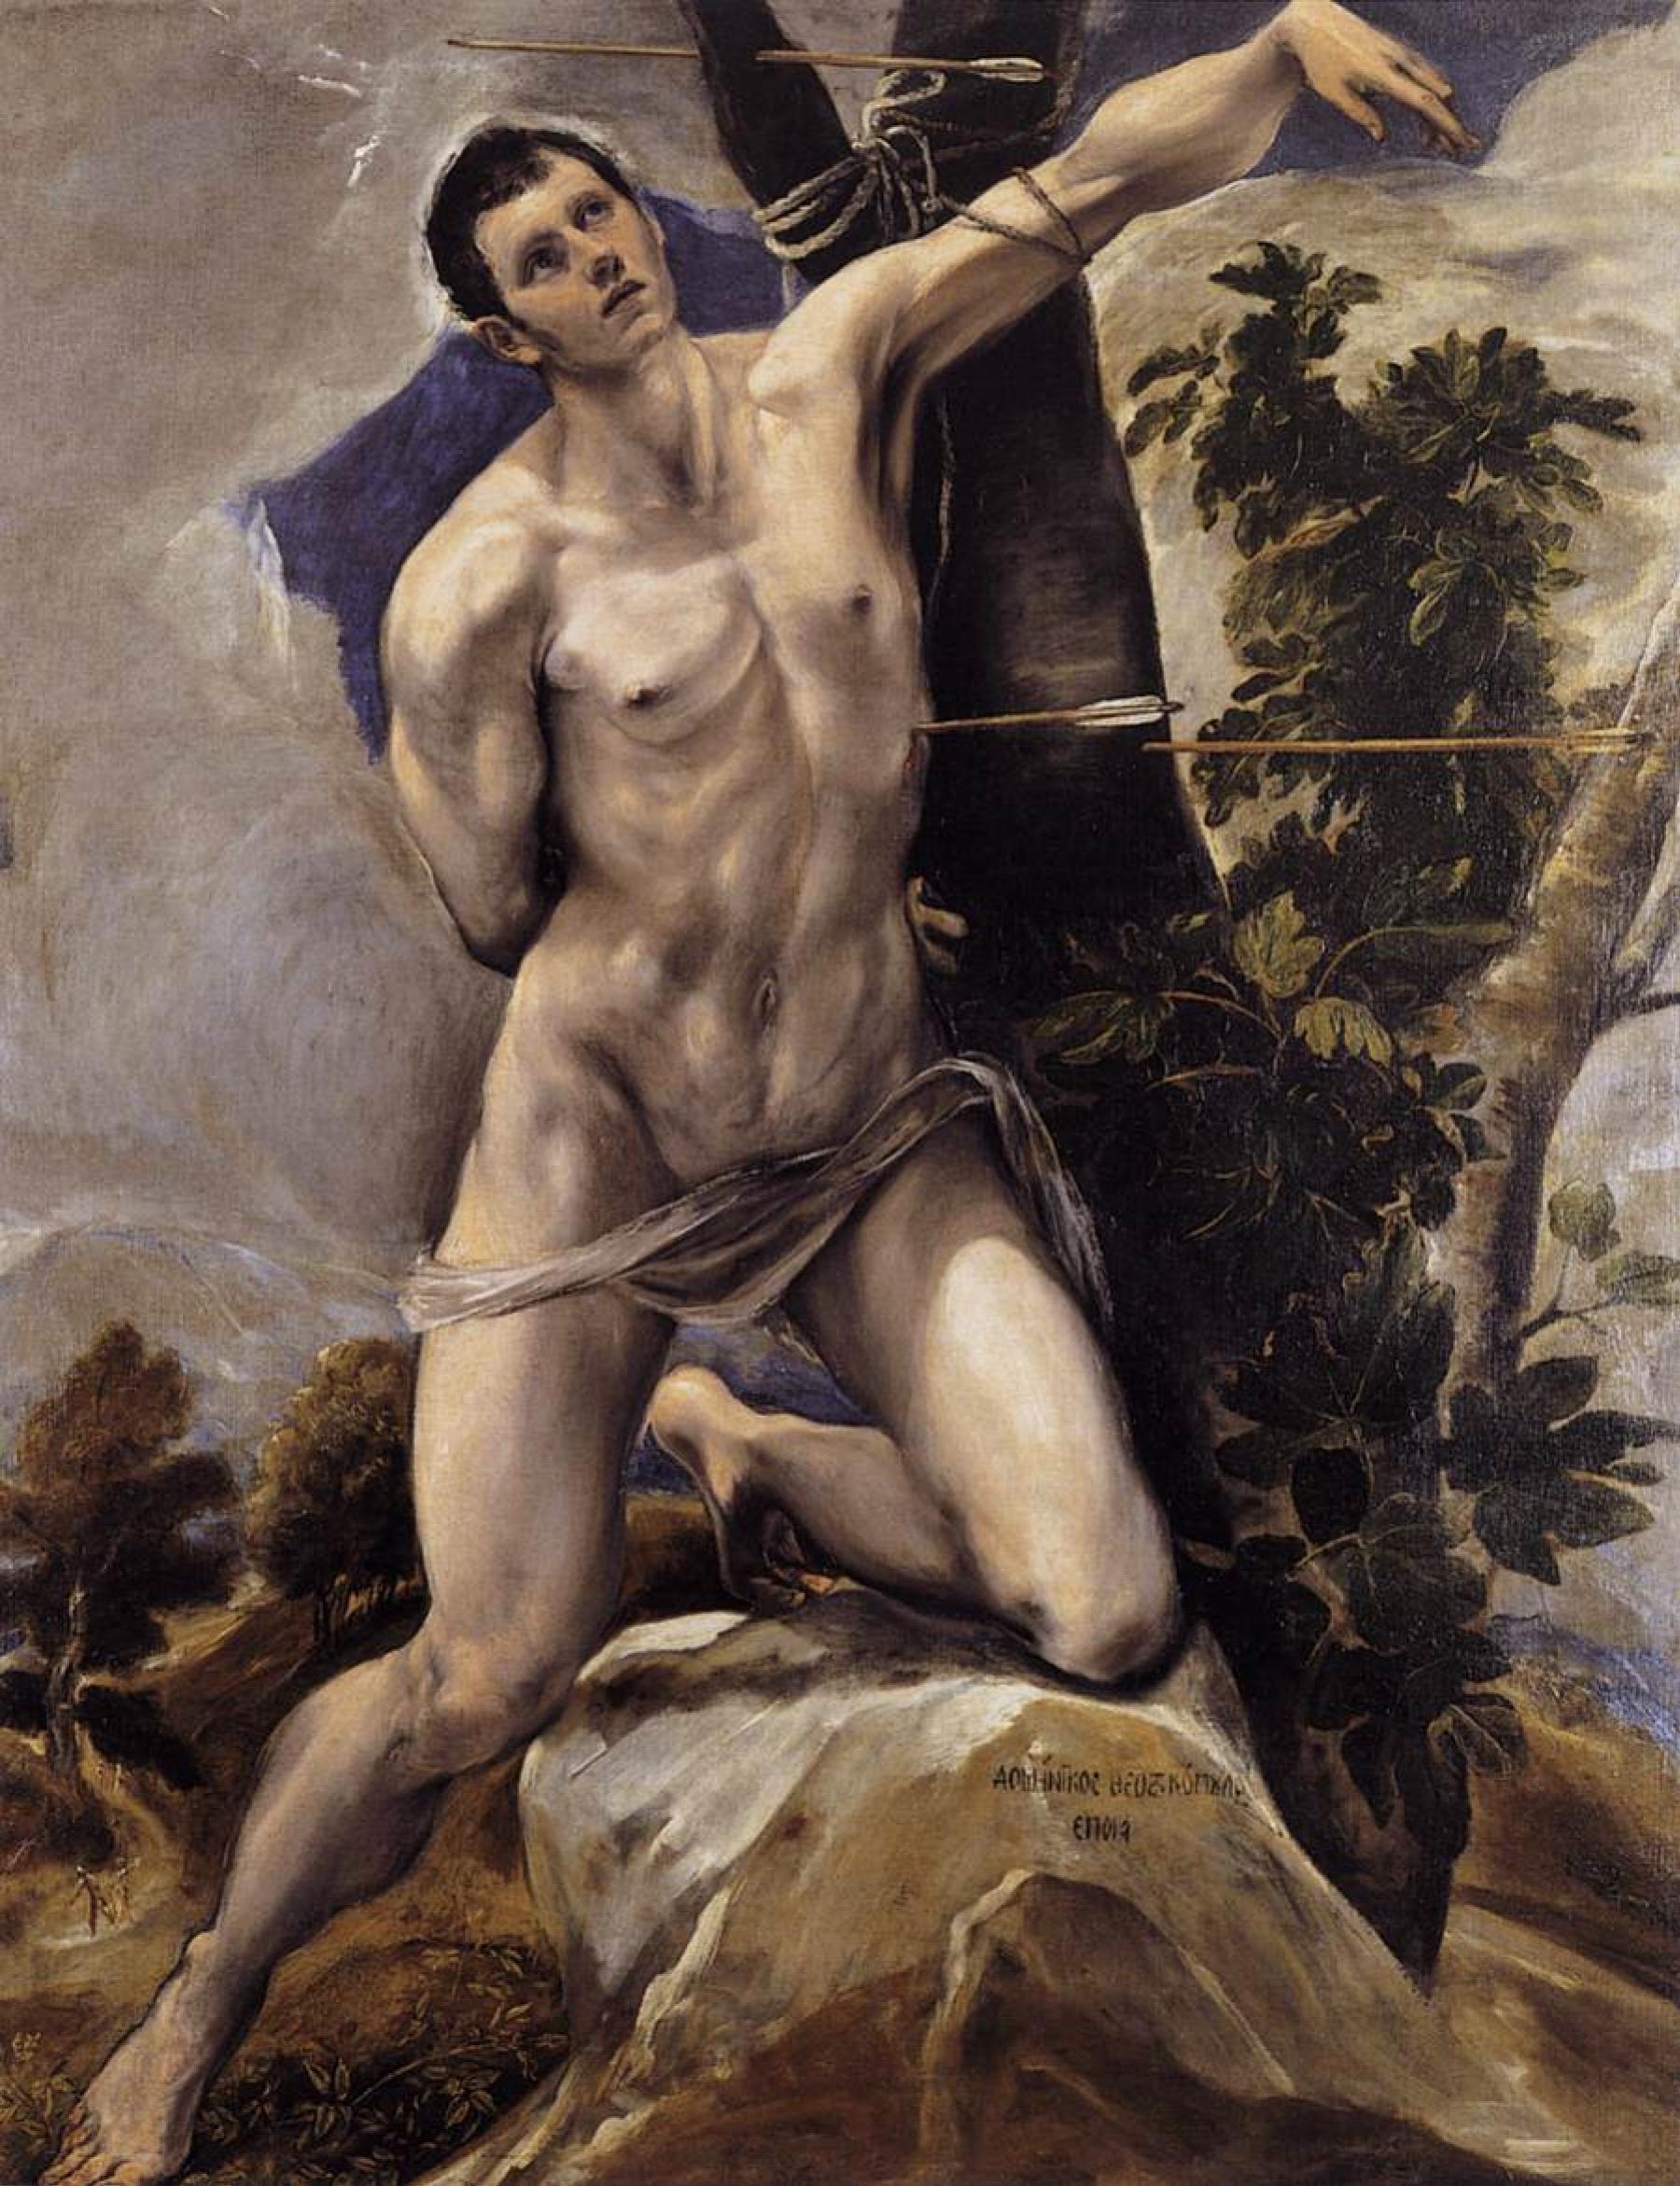 Эль Греко (Доменико Теотокопули). Мученичество святого Себастьяна